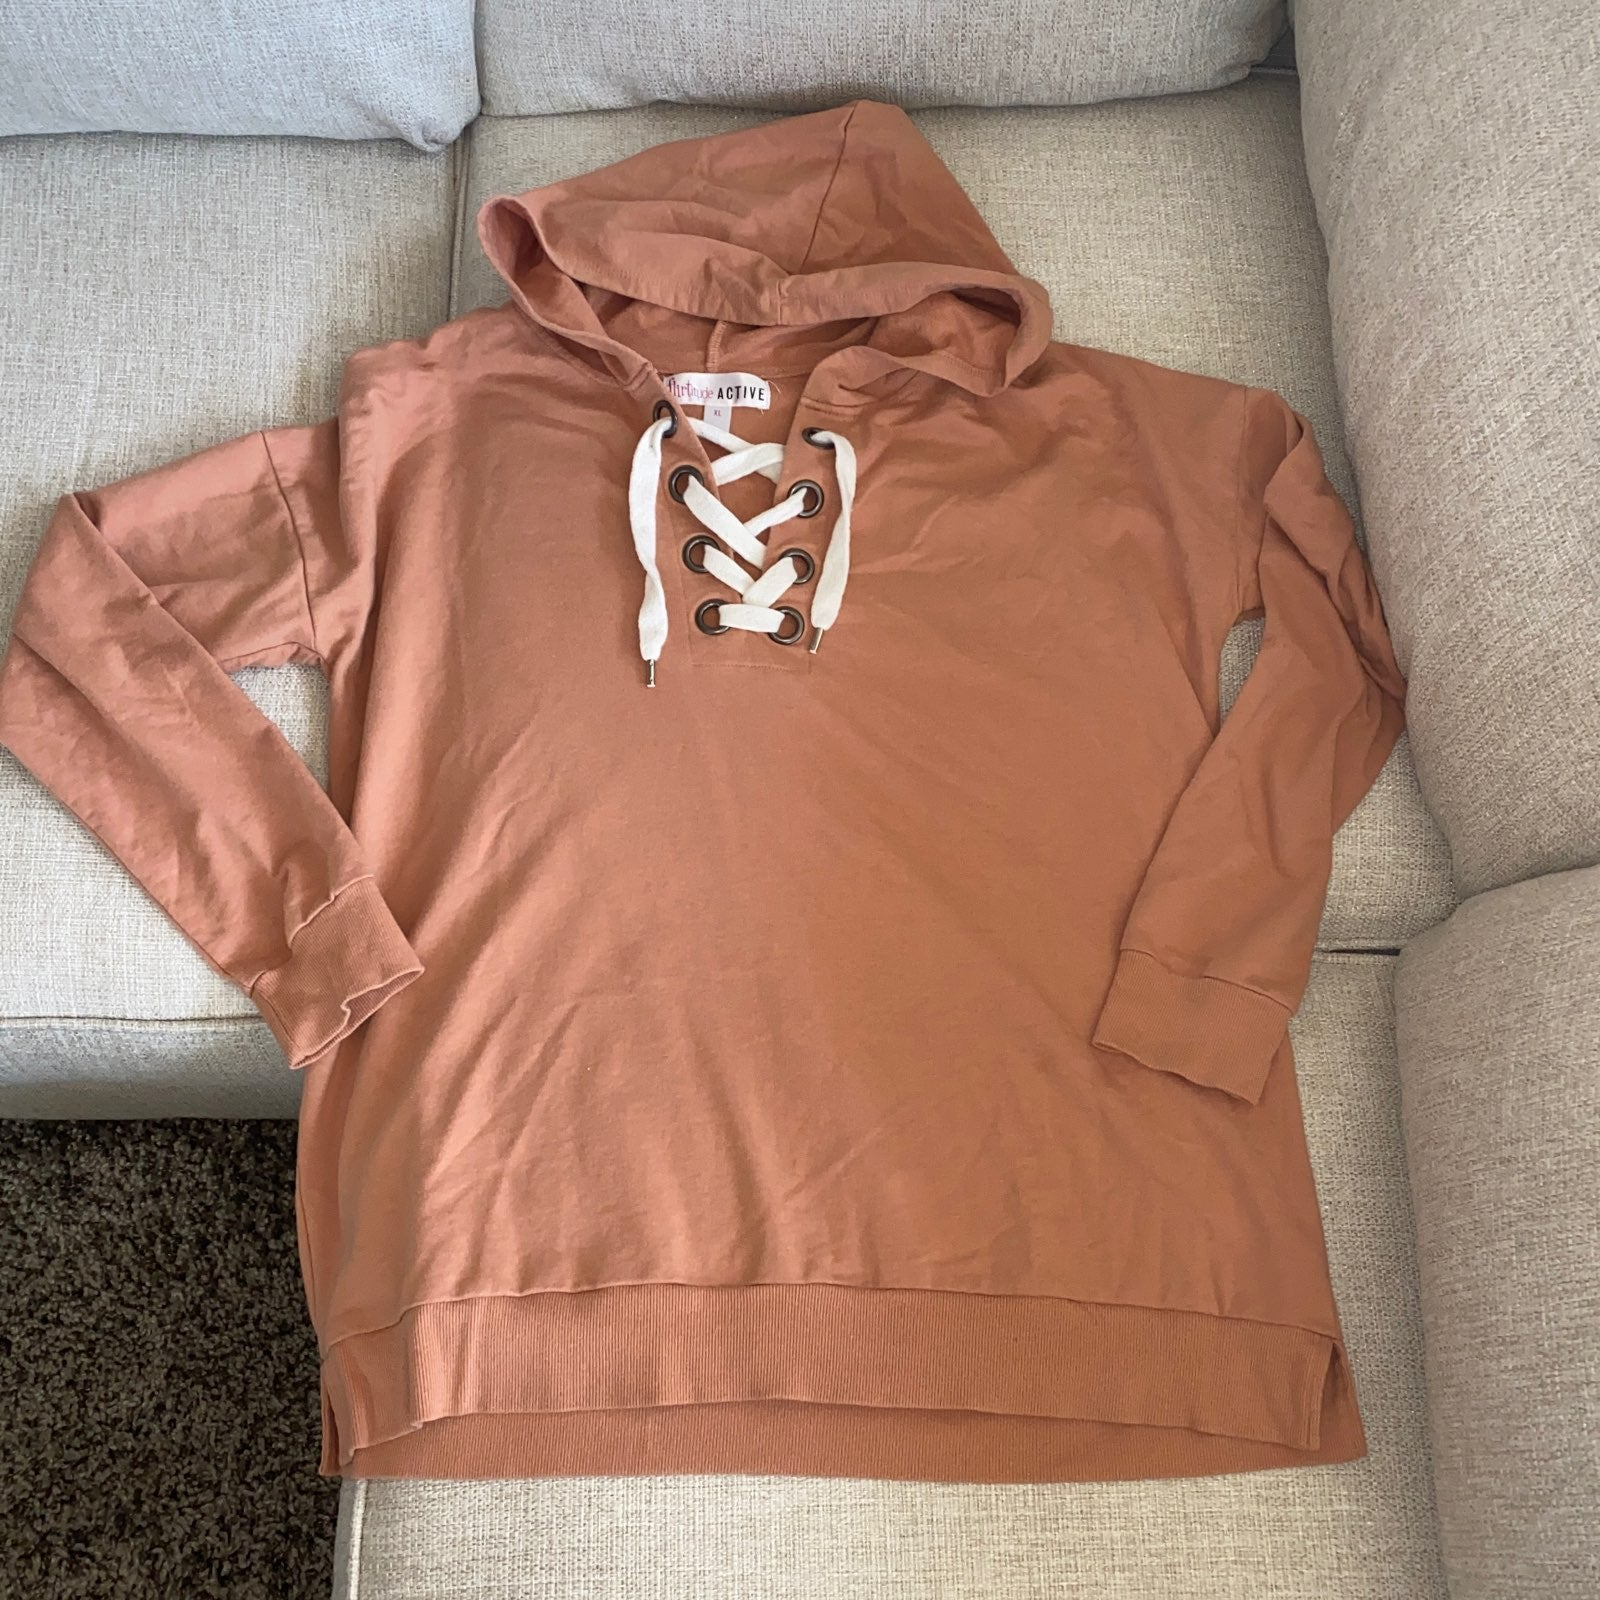 NWOT Woman's hoodie XL